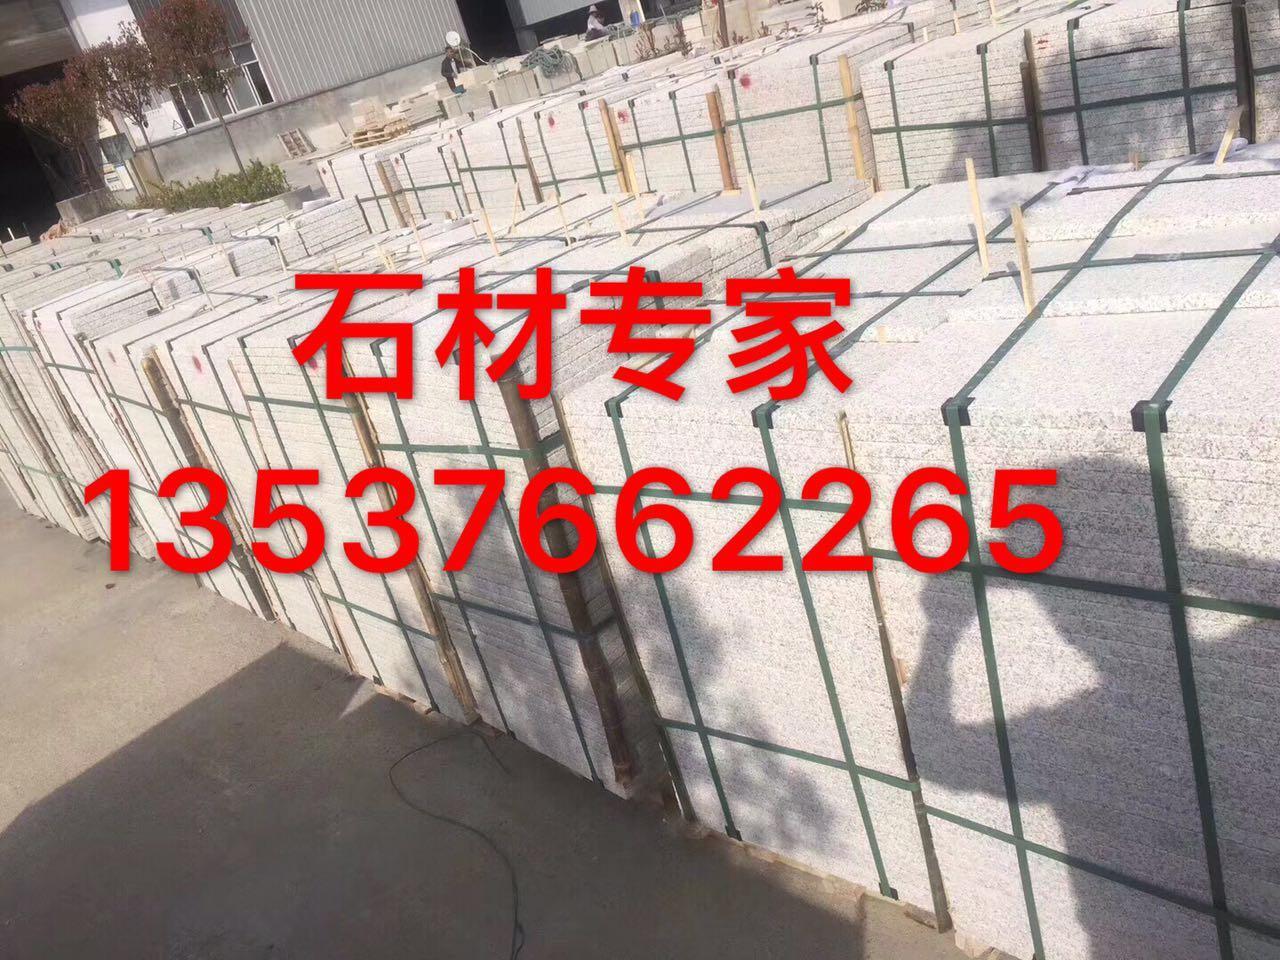 珠海花岗岩石材加工厂 石材加工厂家 花岗岩石材  2